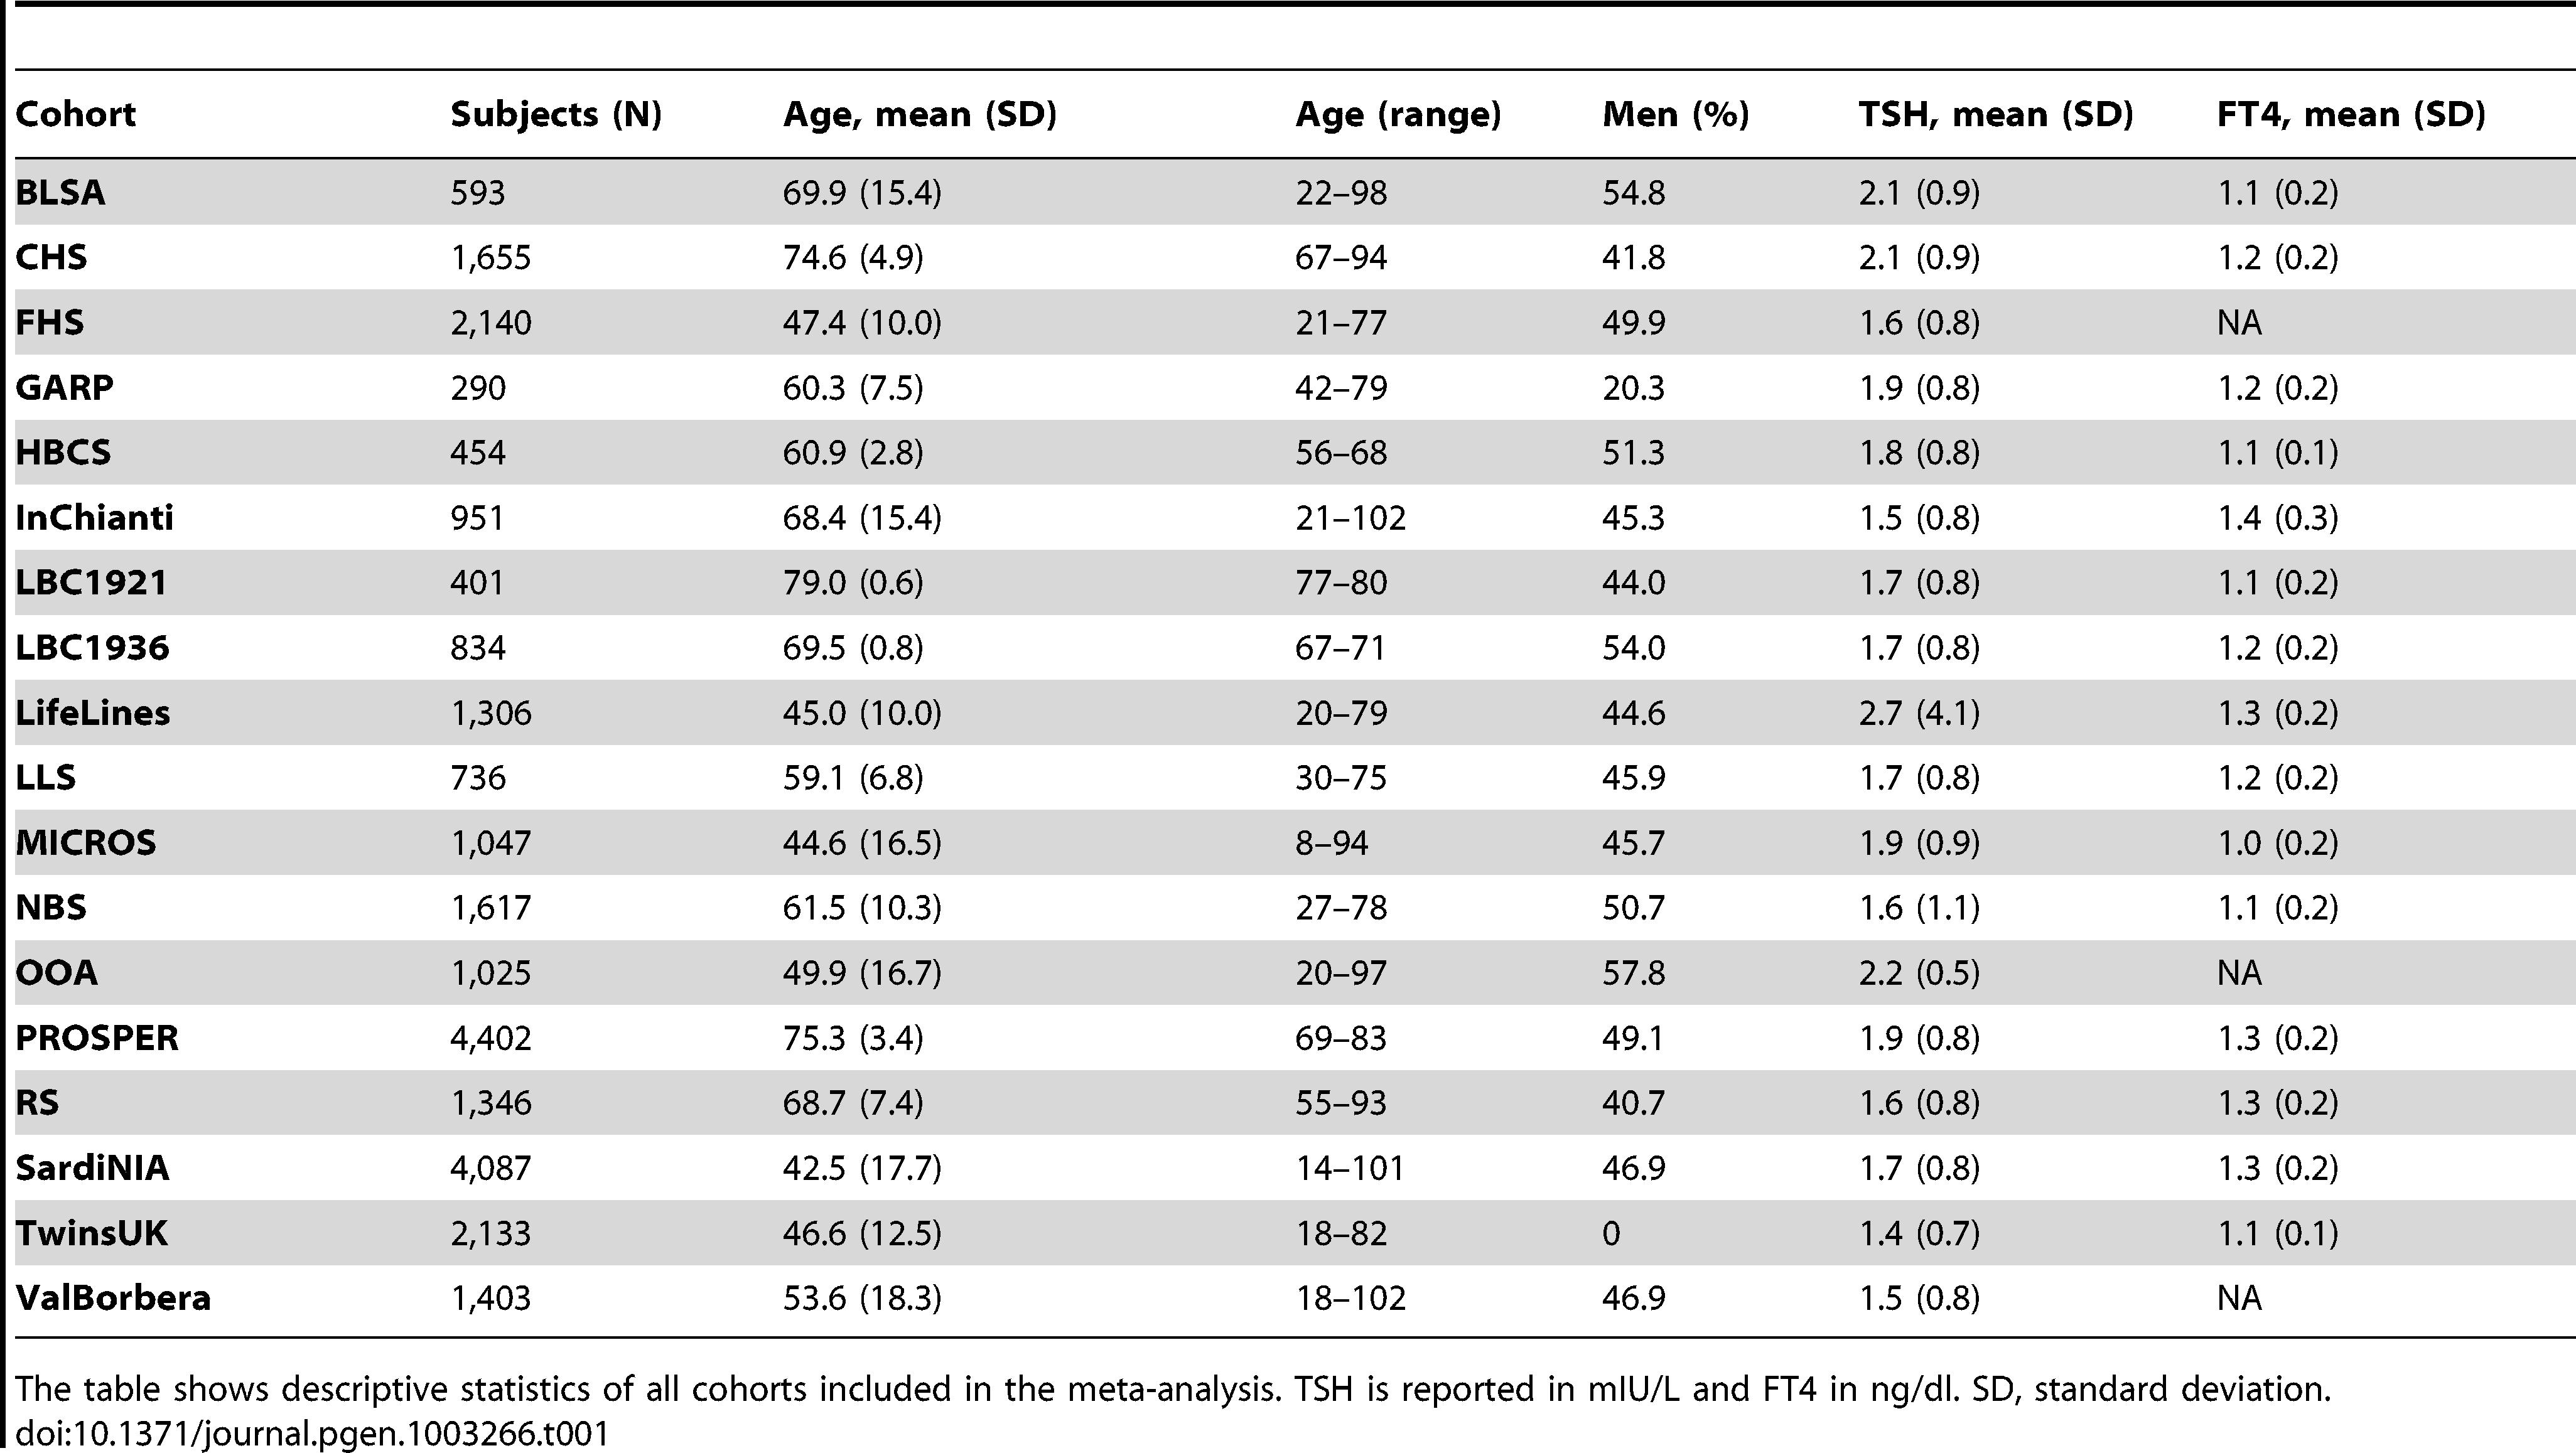 Descriptive statistics of all cohorts.